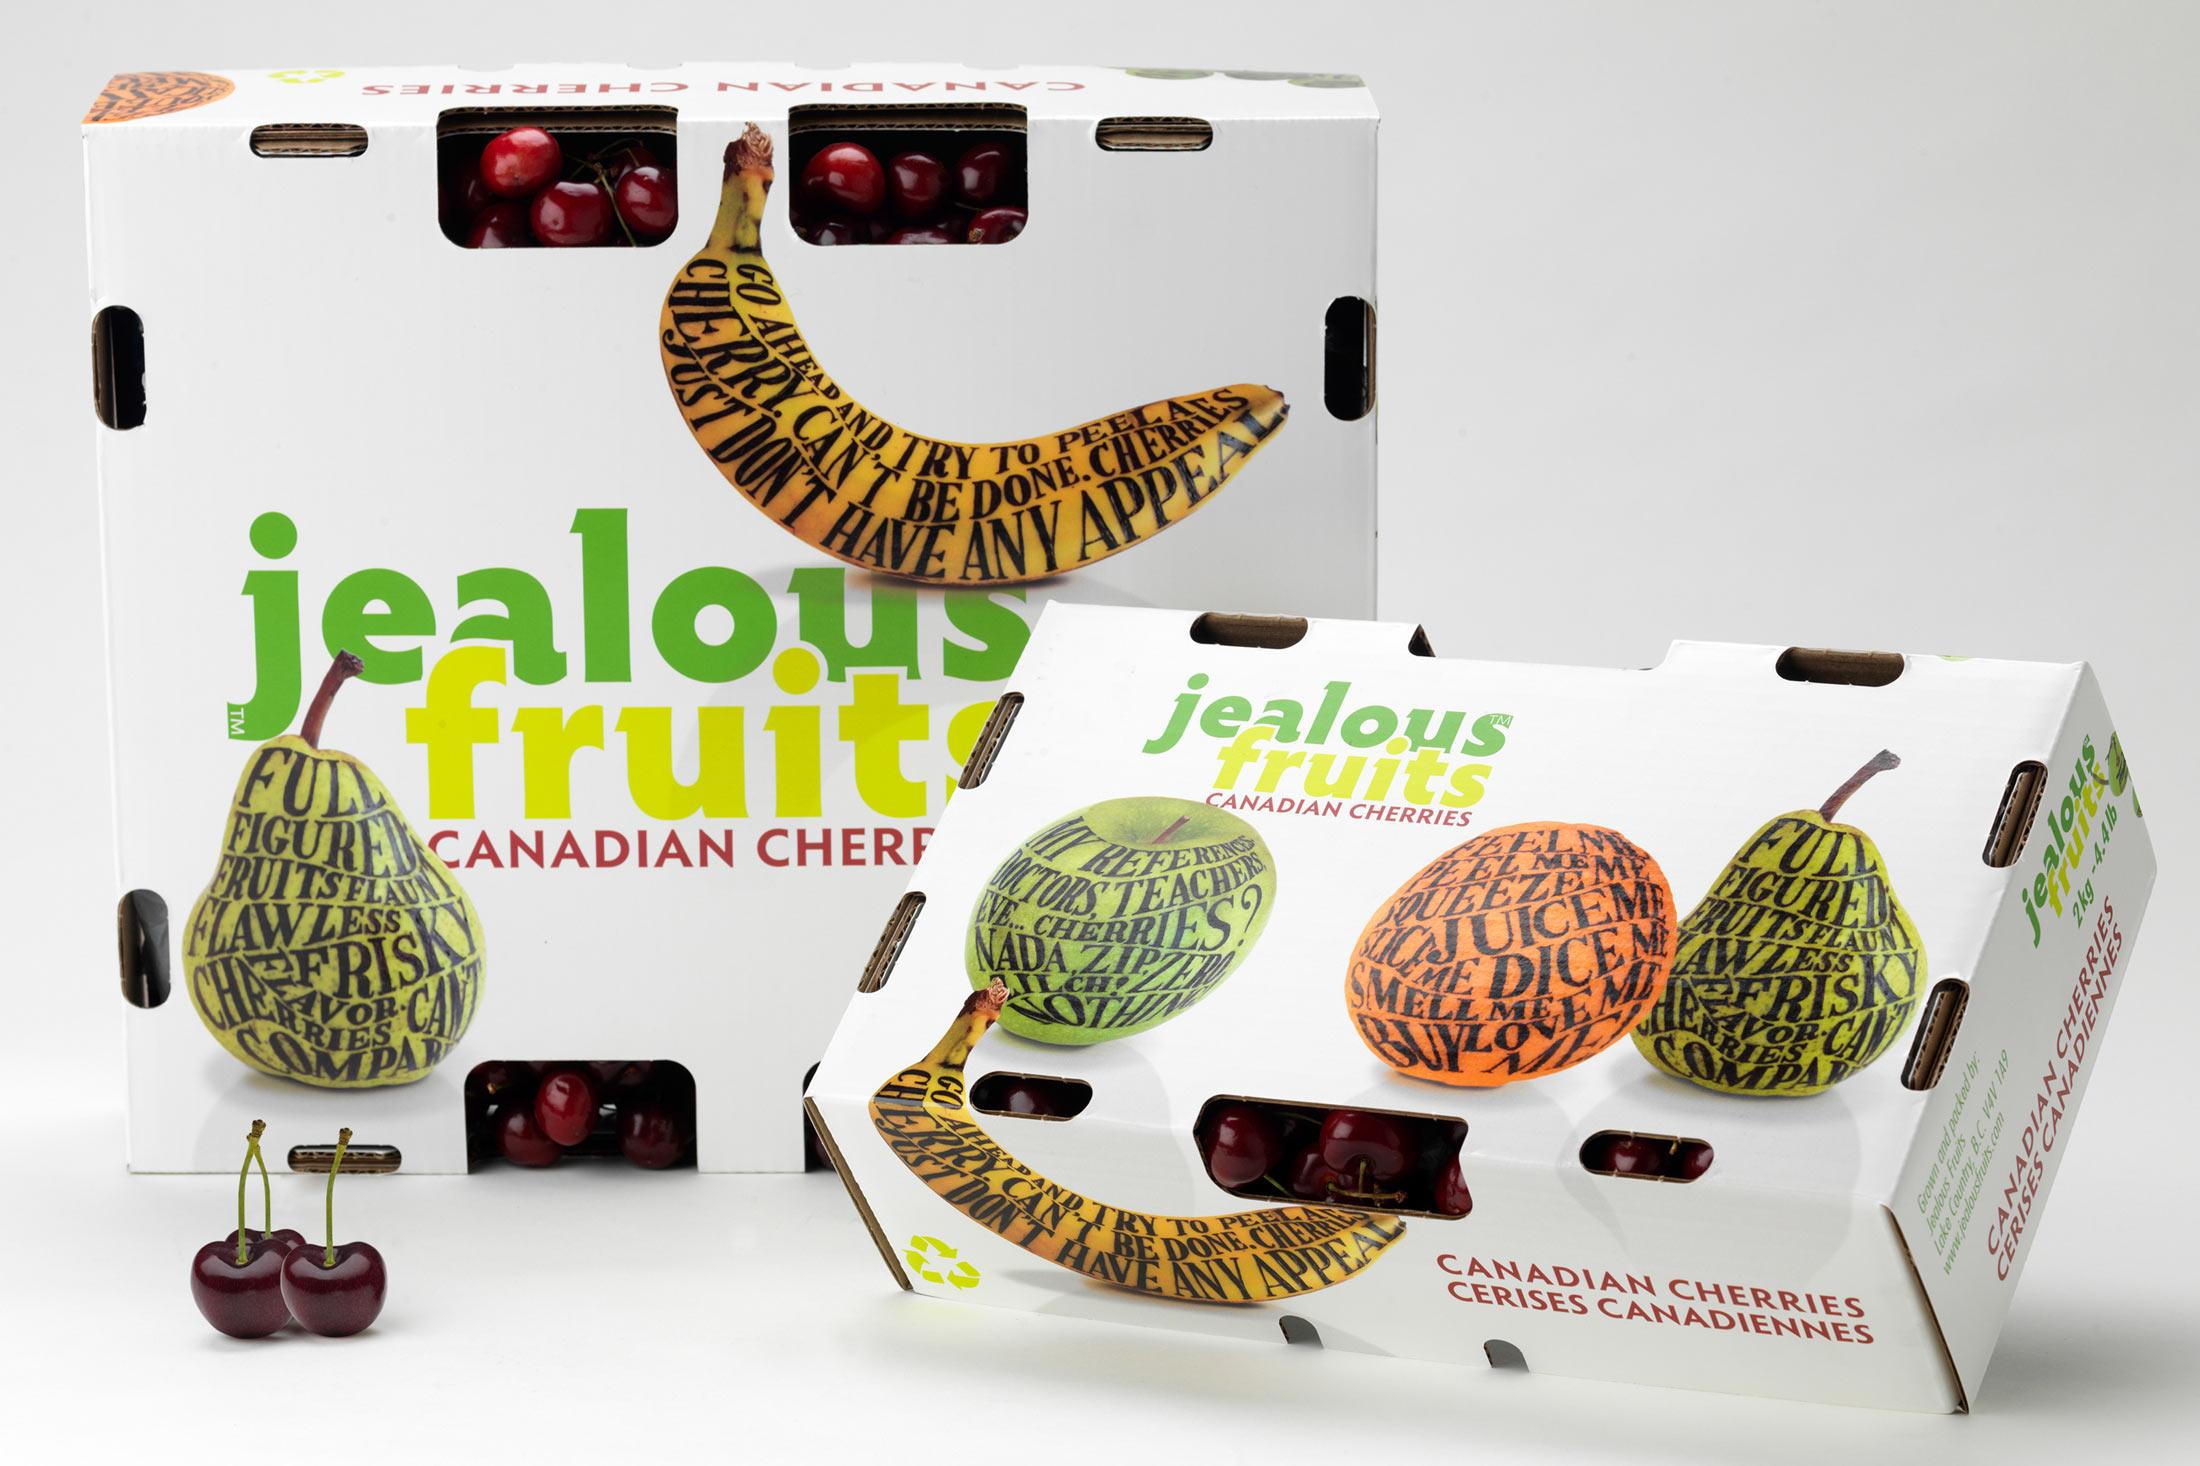 LaurieMillotte-Jealous-Fruits-3.jpg